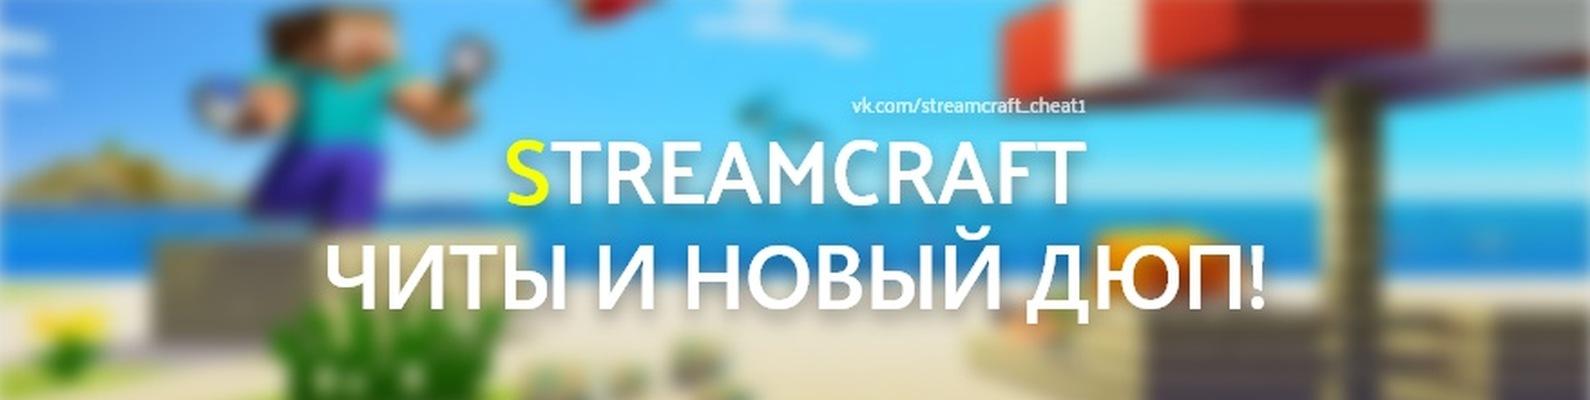 как скачать чит на streamcraft